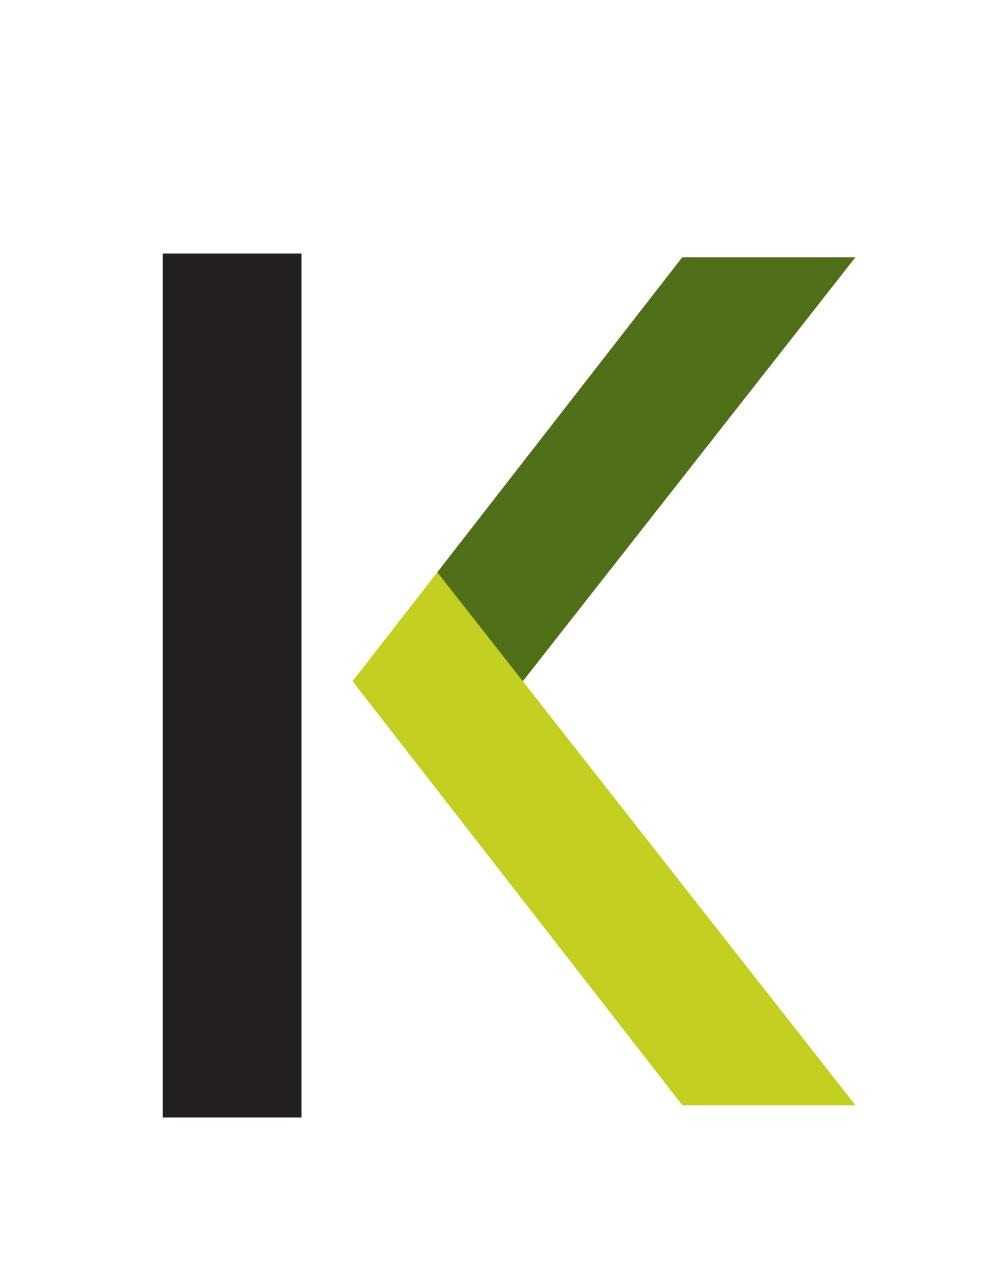 Kitestring Creative Branding Studio